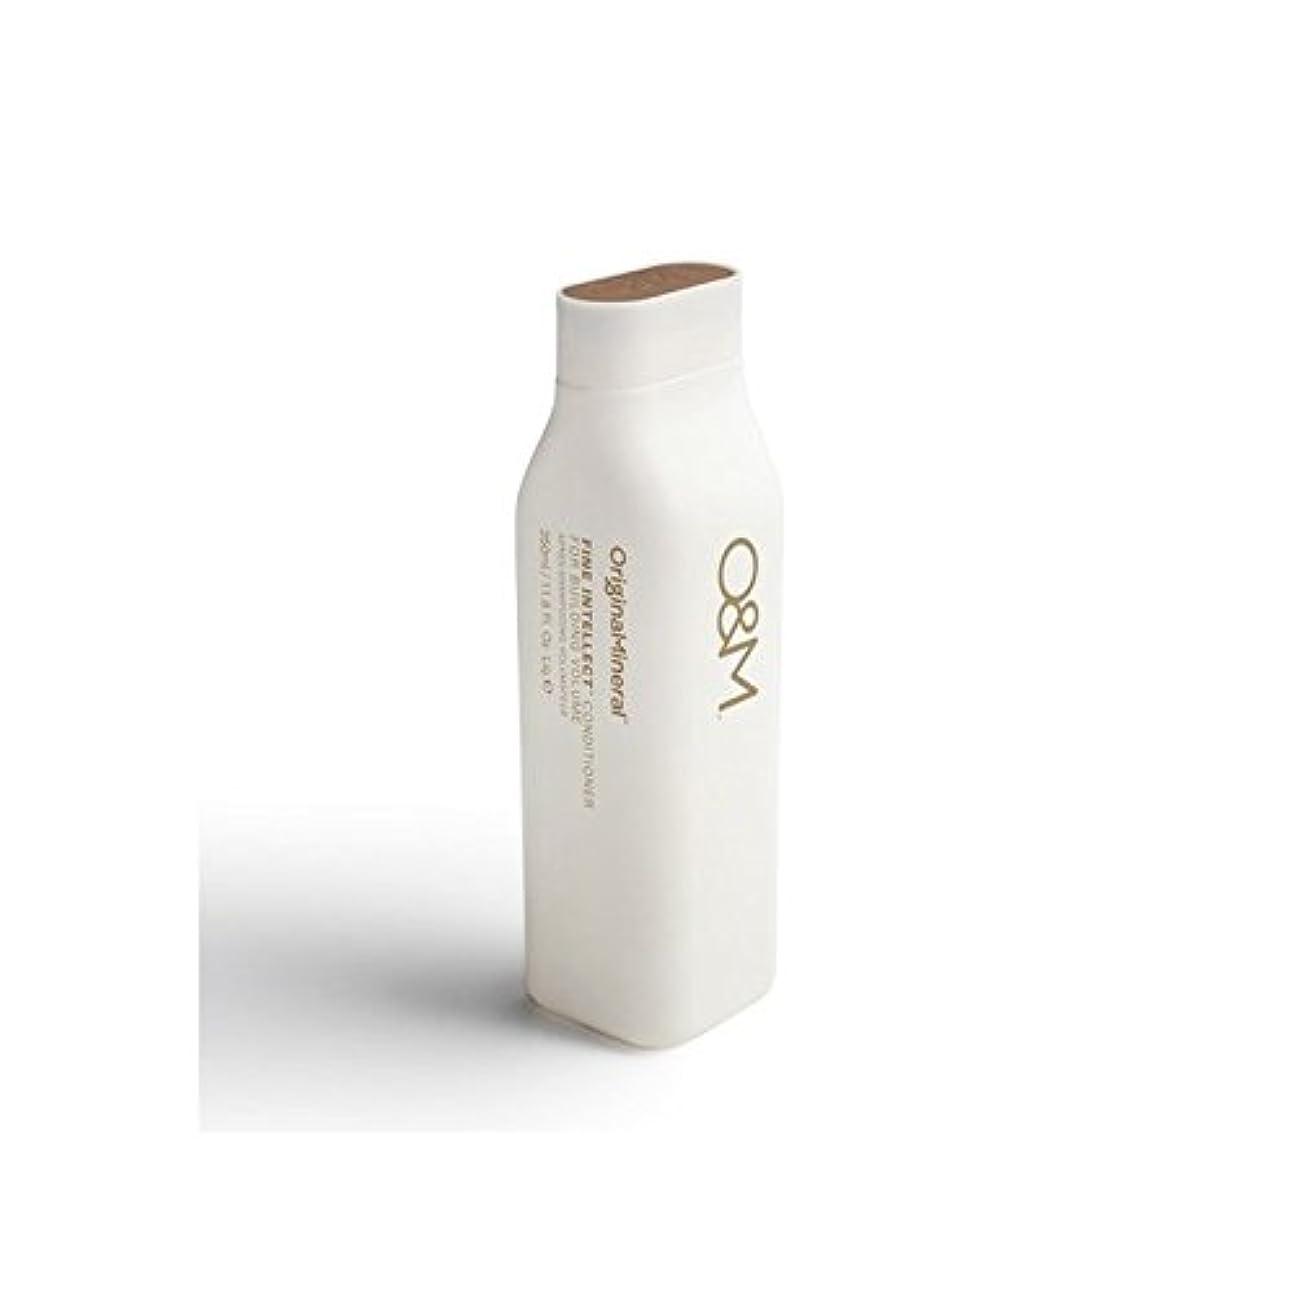 破滅的なおとこ版Original & Mineral Fine Intellect Conditioner (350ml) (Pack of 6) - オリジナル&ミネラル細かい知性コンディショナー(350ミリリットル) x6 [並行輸入品]